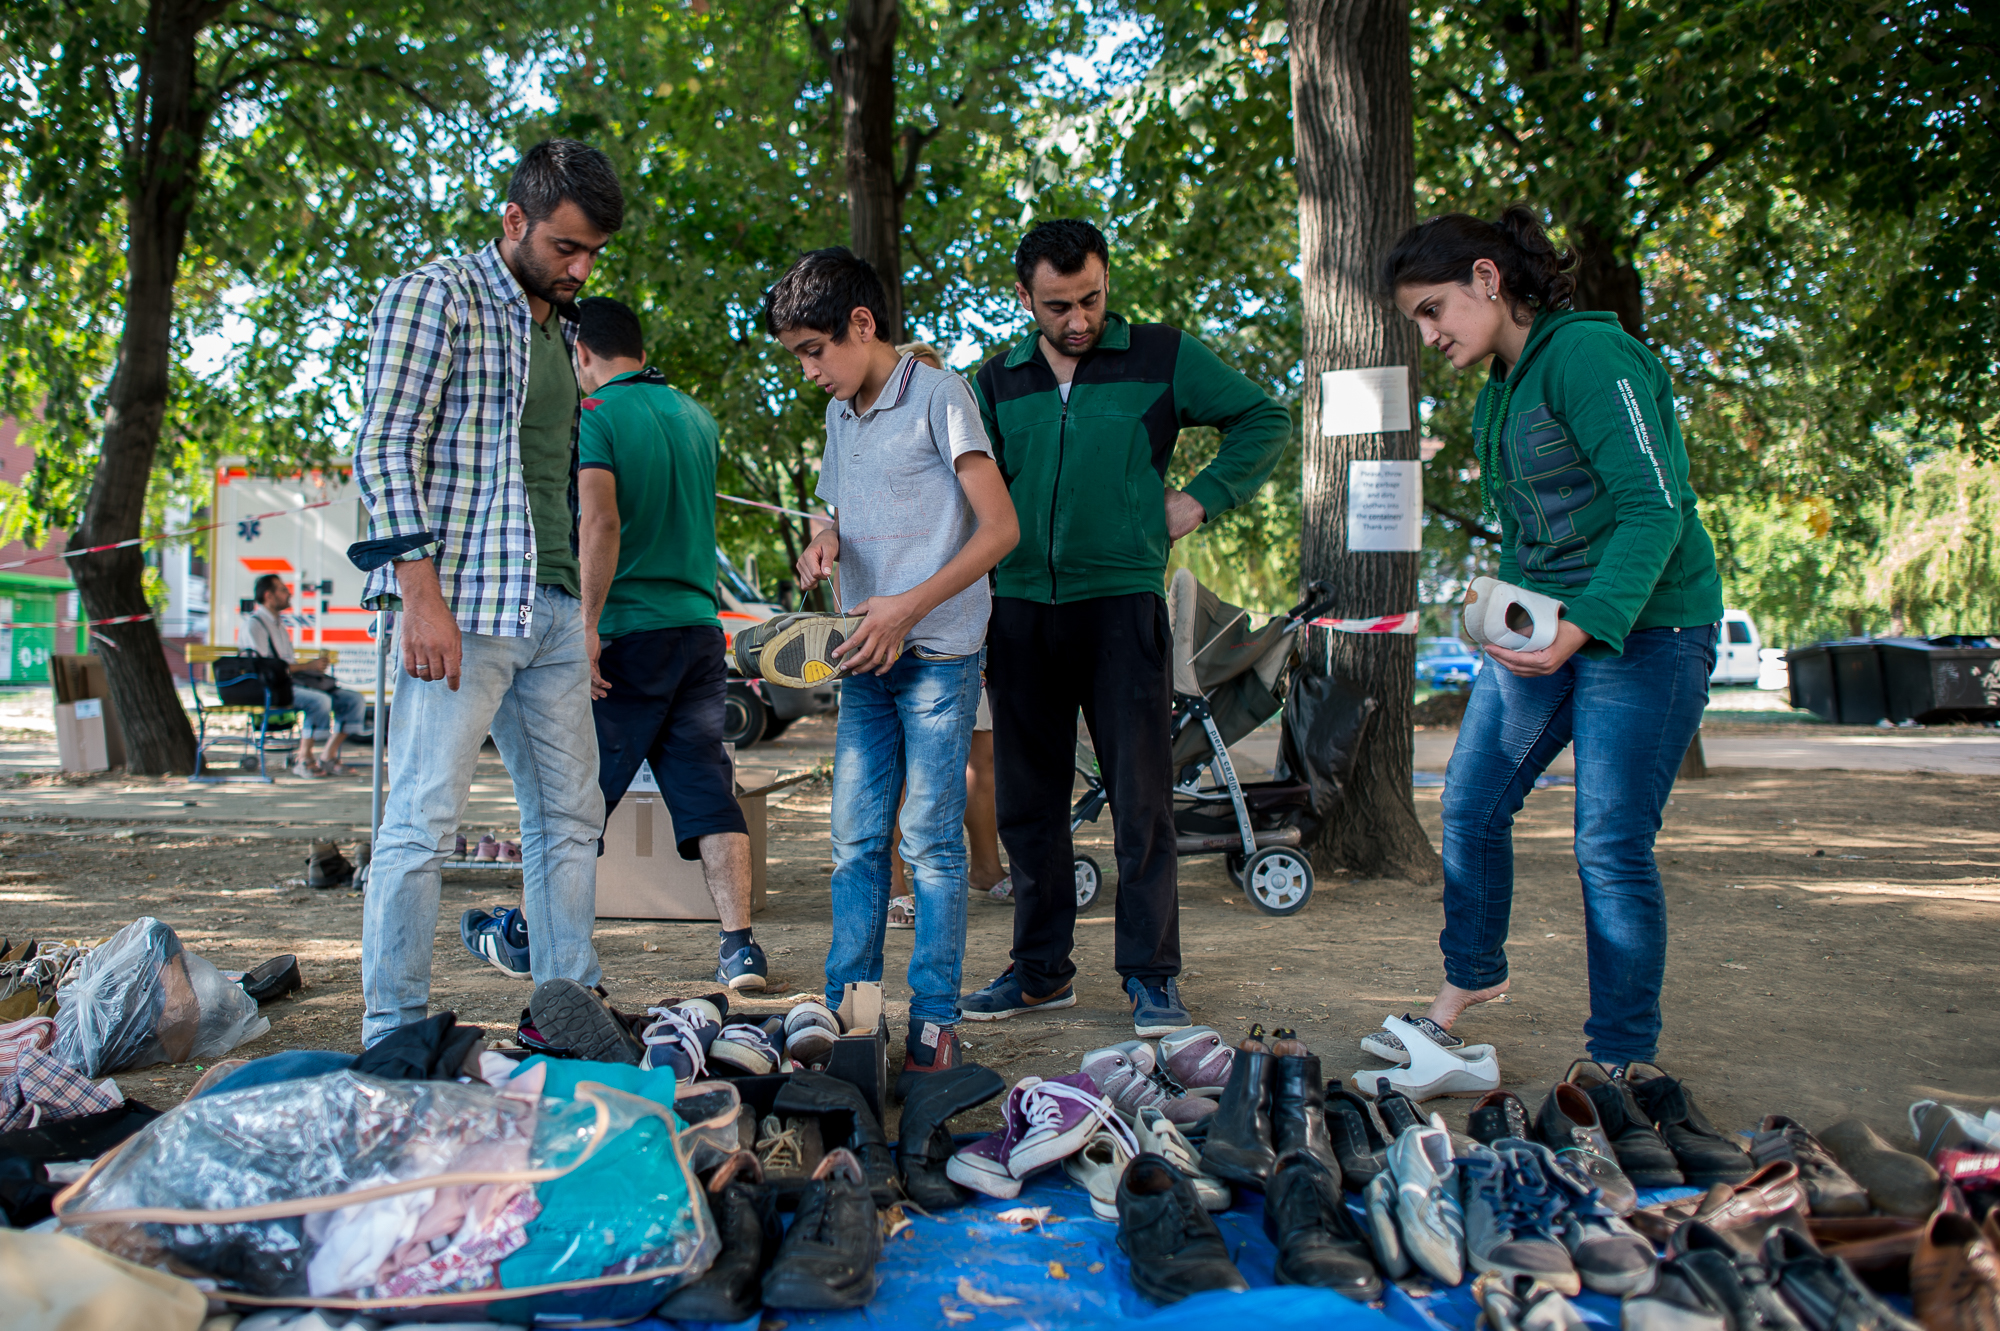 Szír menekültek nézik az adományozott ruhadarabokat a civilek által működő várakozó helyen a pécsi vasútállomás mellett 2015. augusztus 31-én.